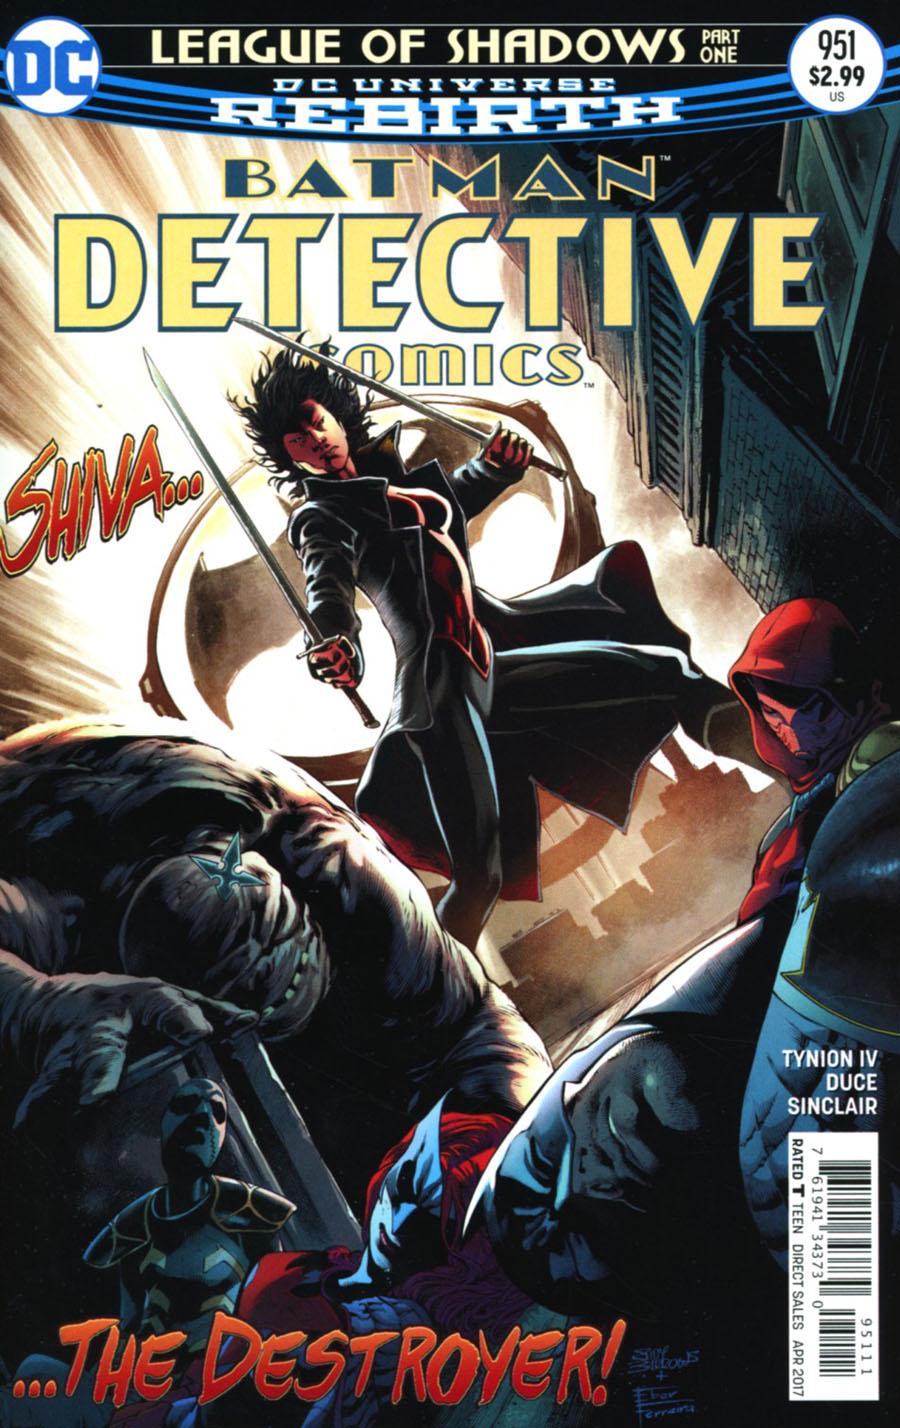 Batman - Detective Comics 951 - League of Shadows Part 1: Unleashed